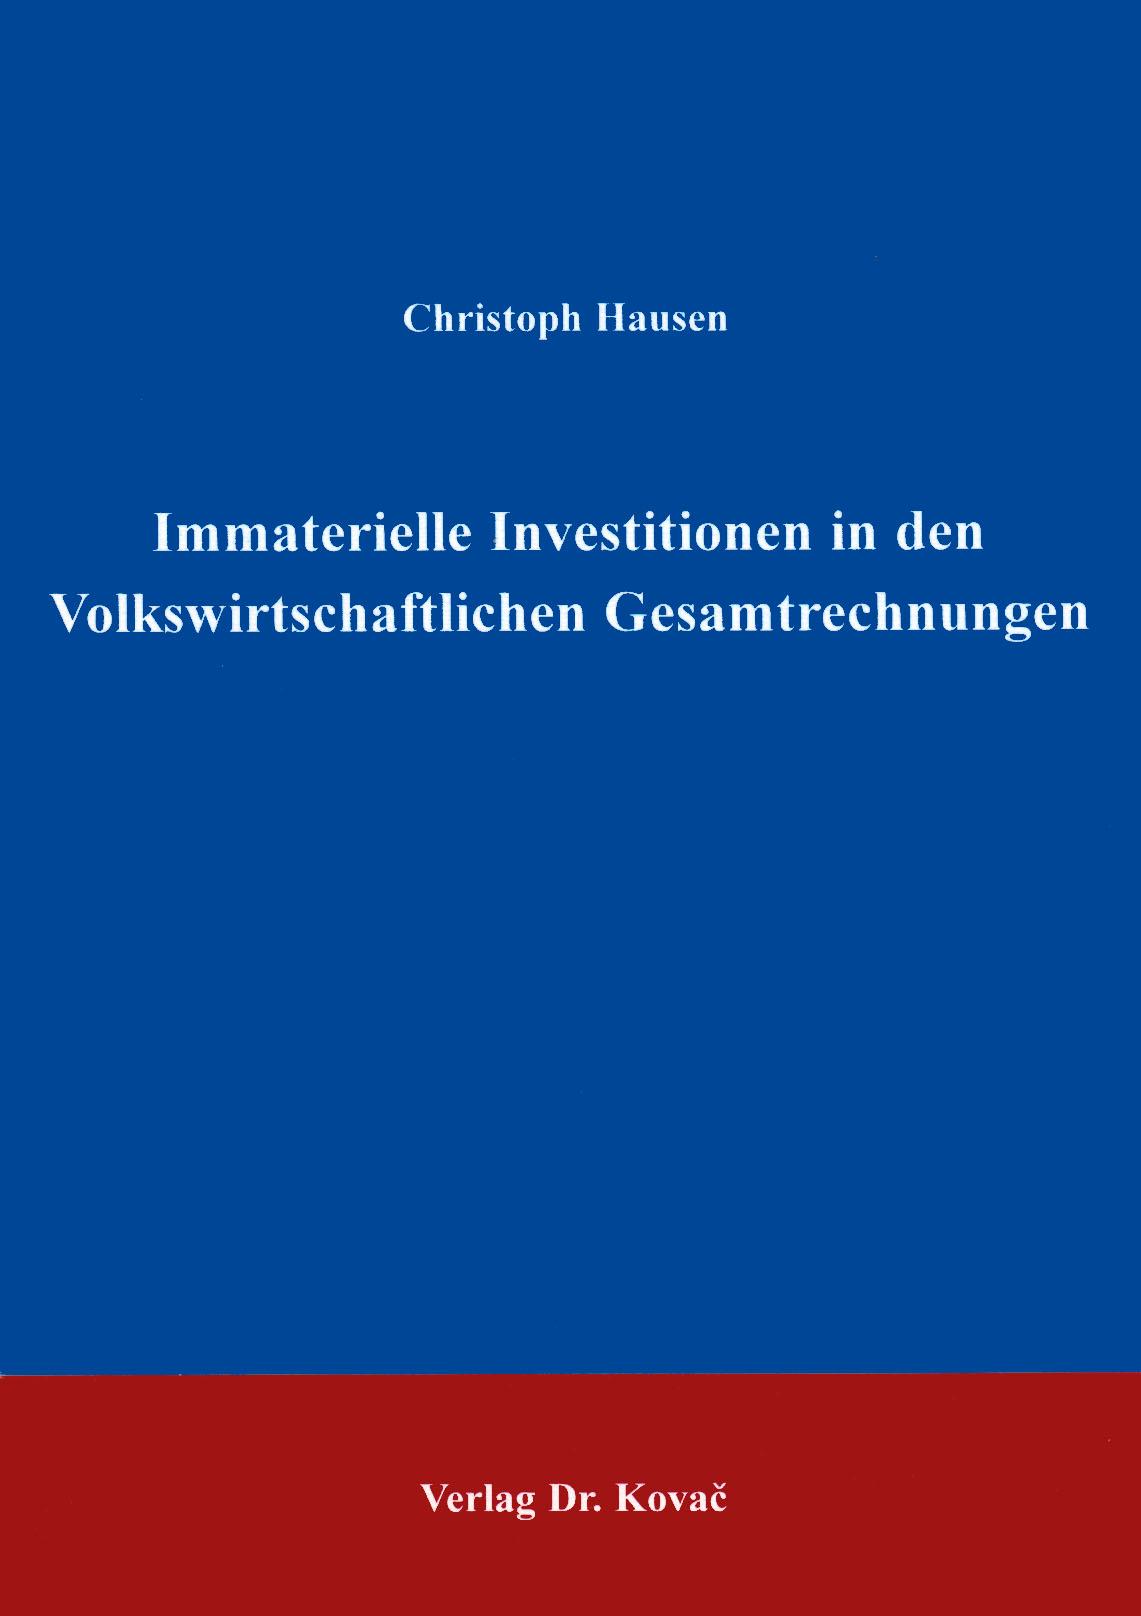 Cover: Immaterielle Investitionen in den Volkswirtschaftlichen Gesamtrechnungen